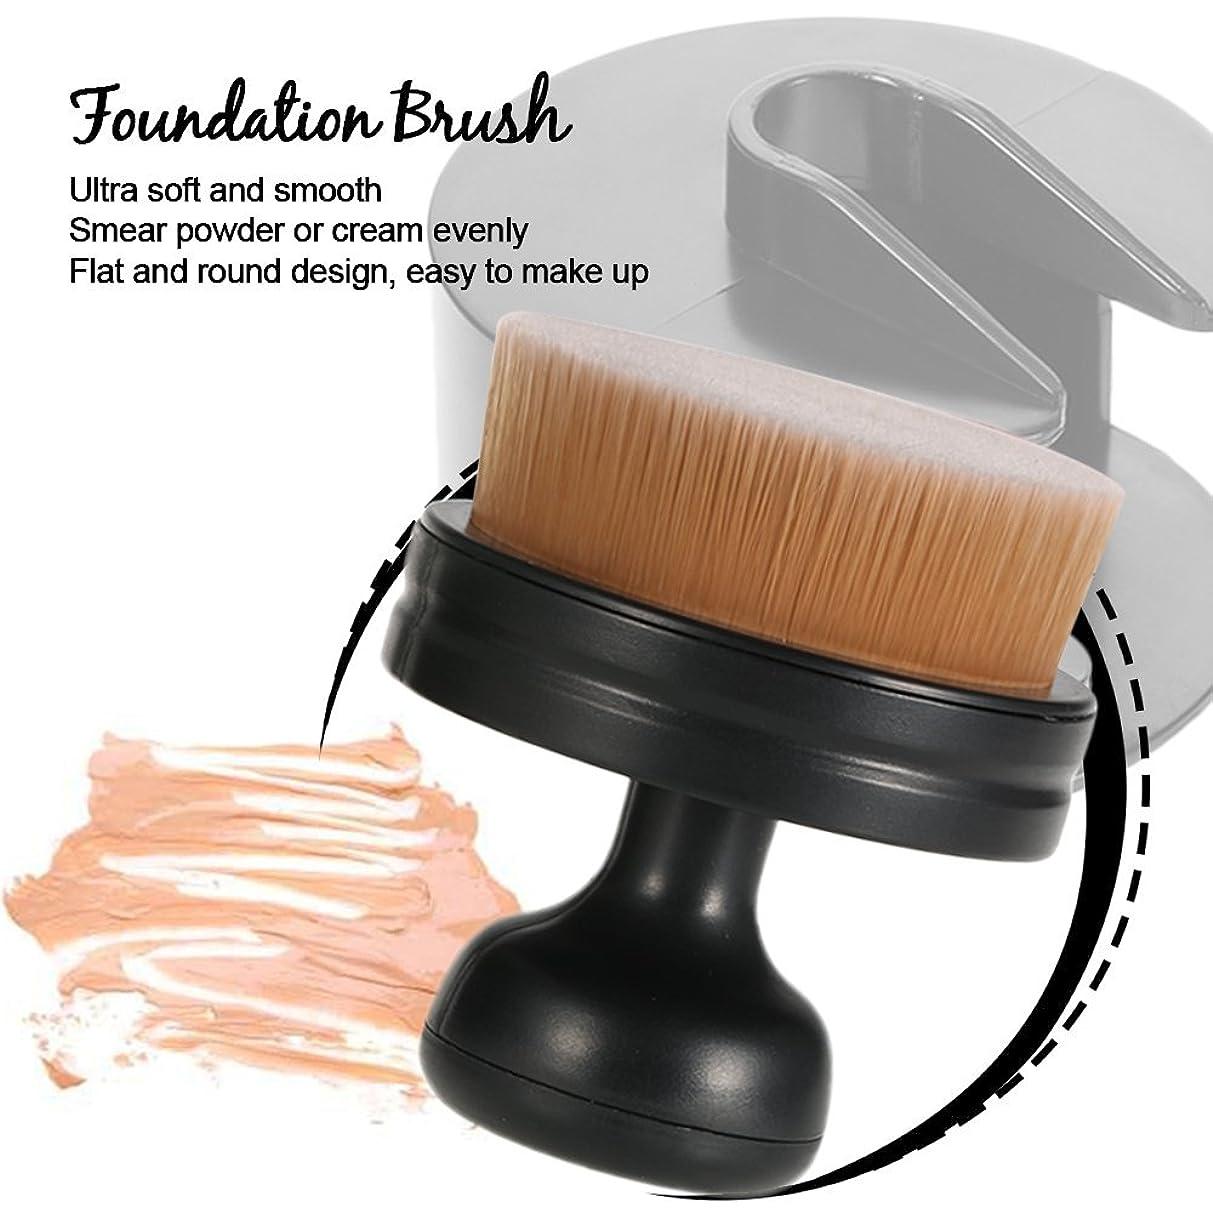 エロチック鑑定影響する1 PC Professional Flat Round Makeup Brush Ultra Soft Women Cosmetic Powder Liquid Blush Brush Large Foundation Brush Make Up Tool Free shipping